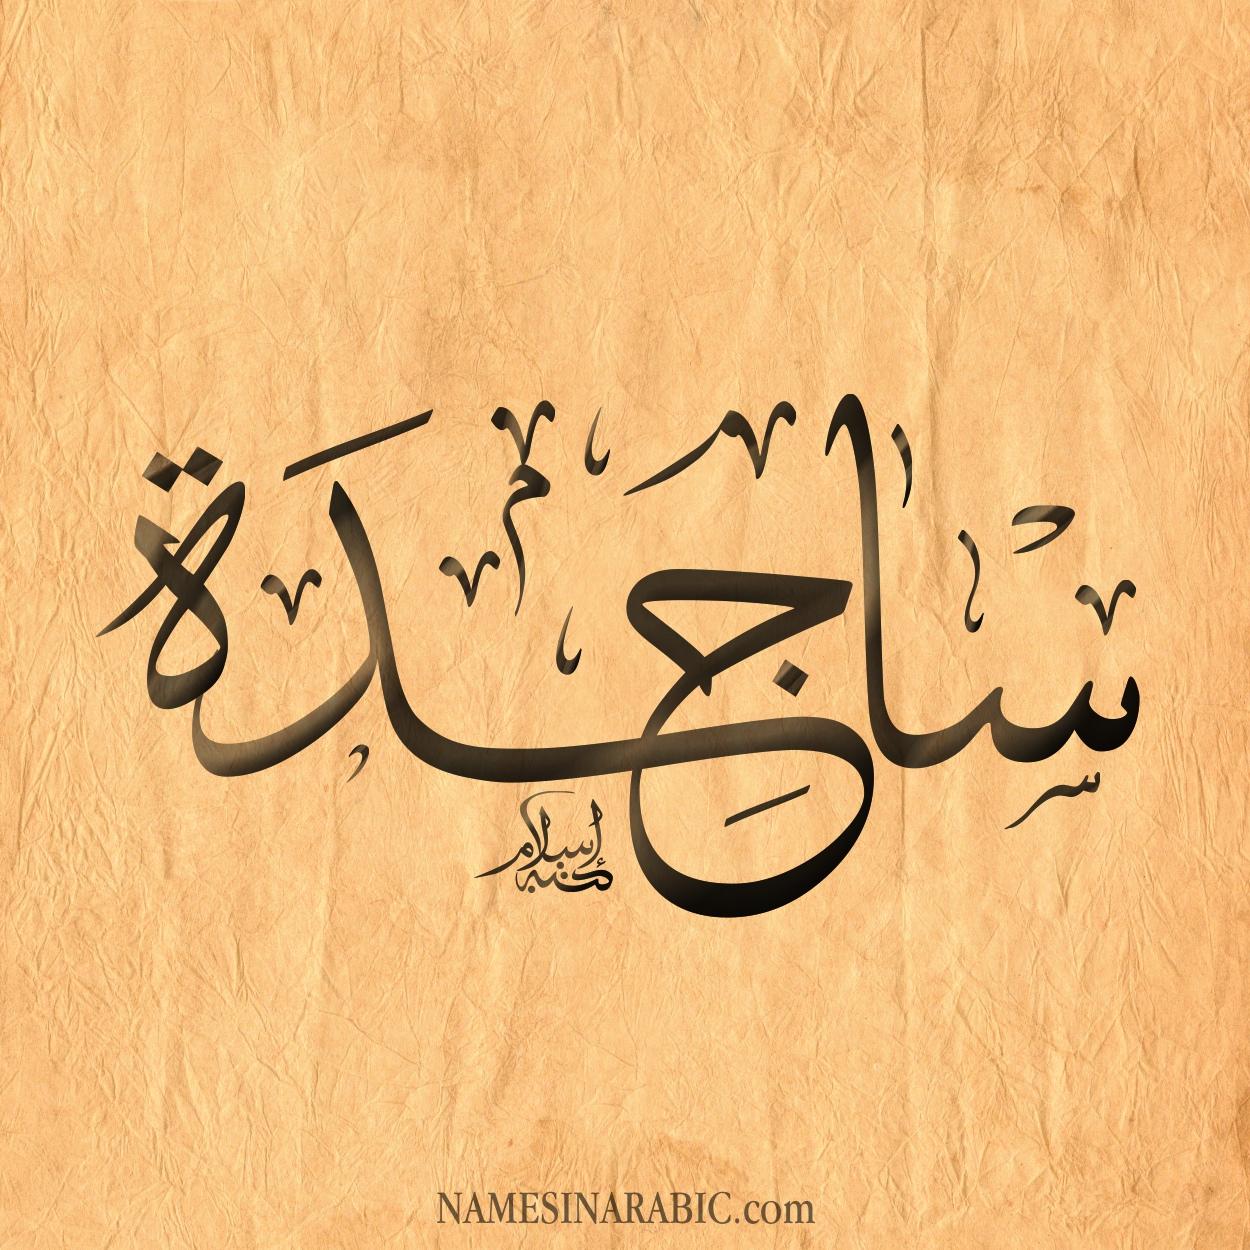 معنى اسم ساجدة Sajda قاموس الأسماء و المعاني